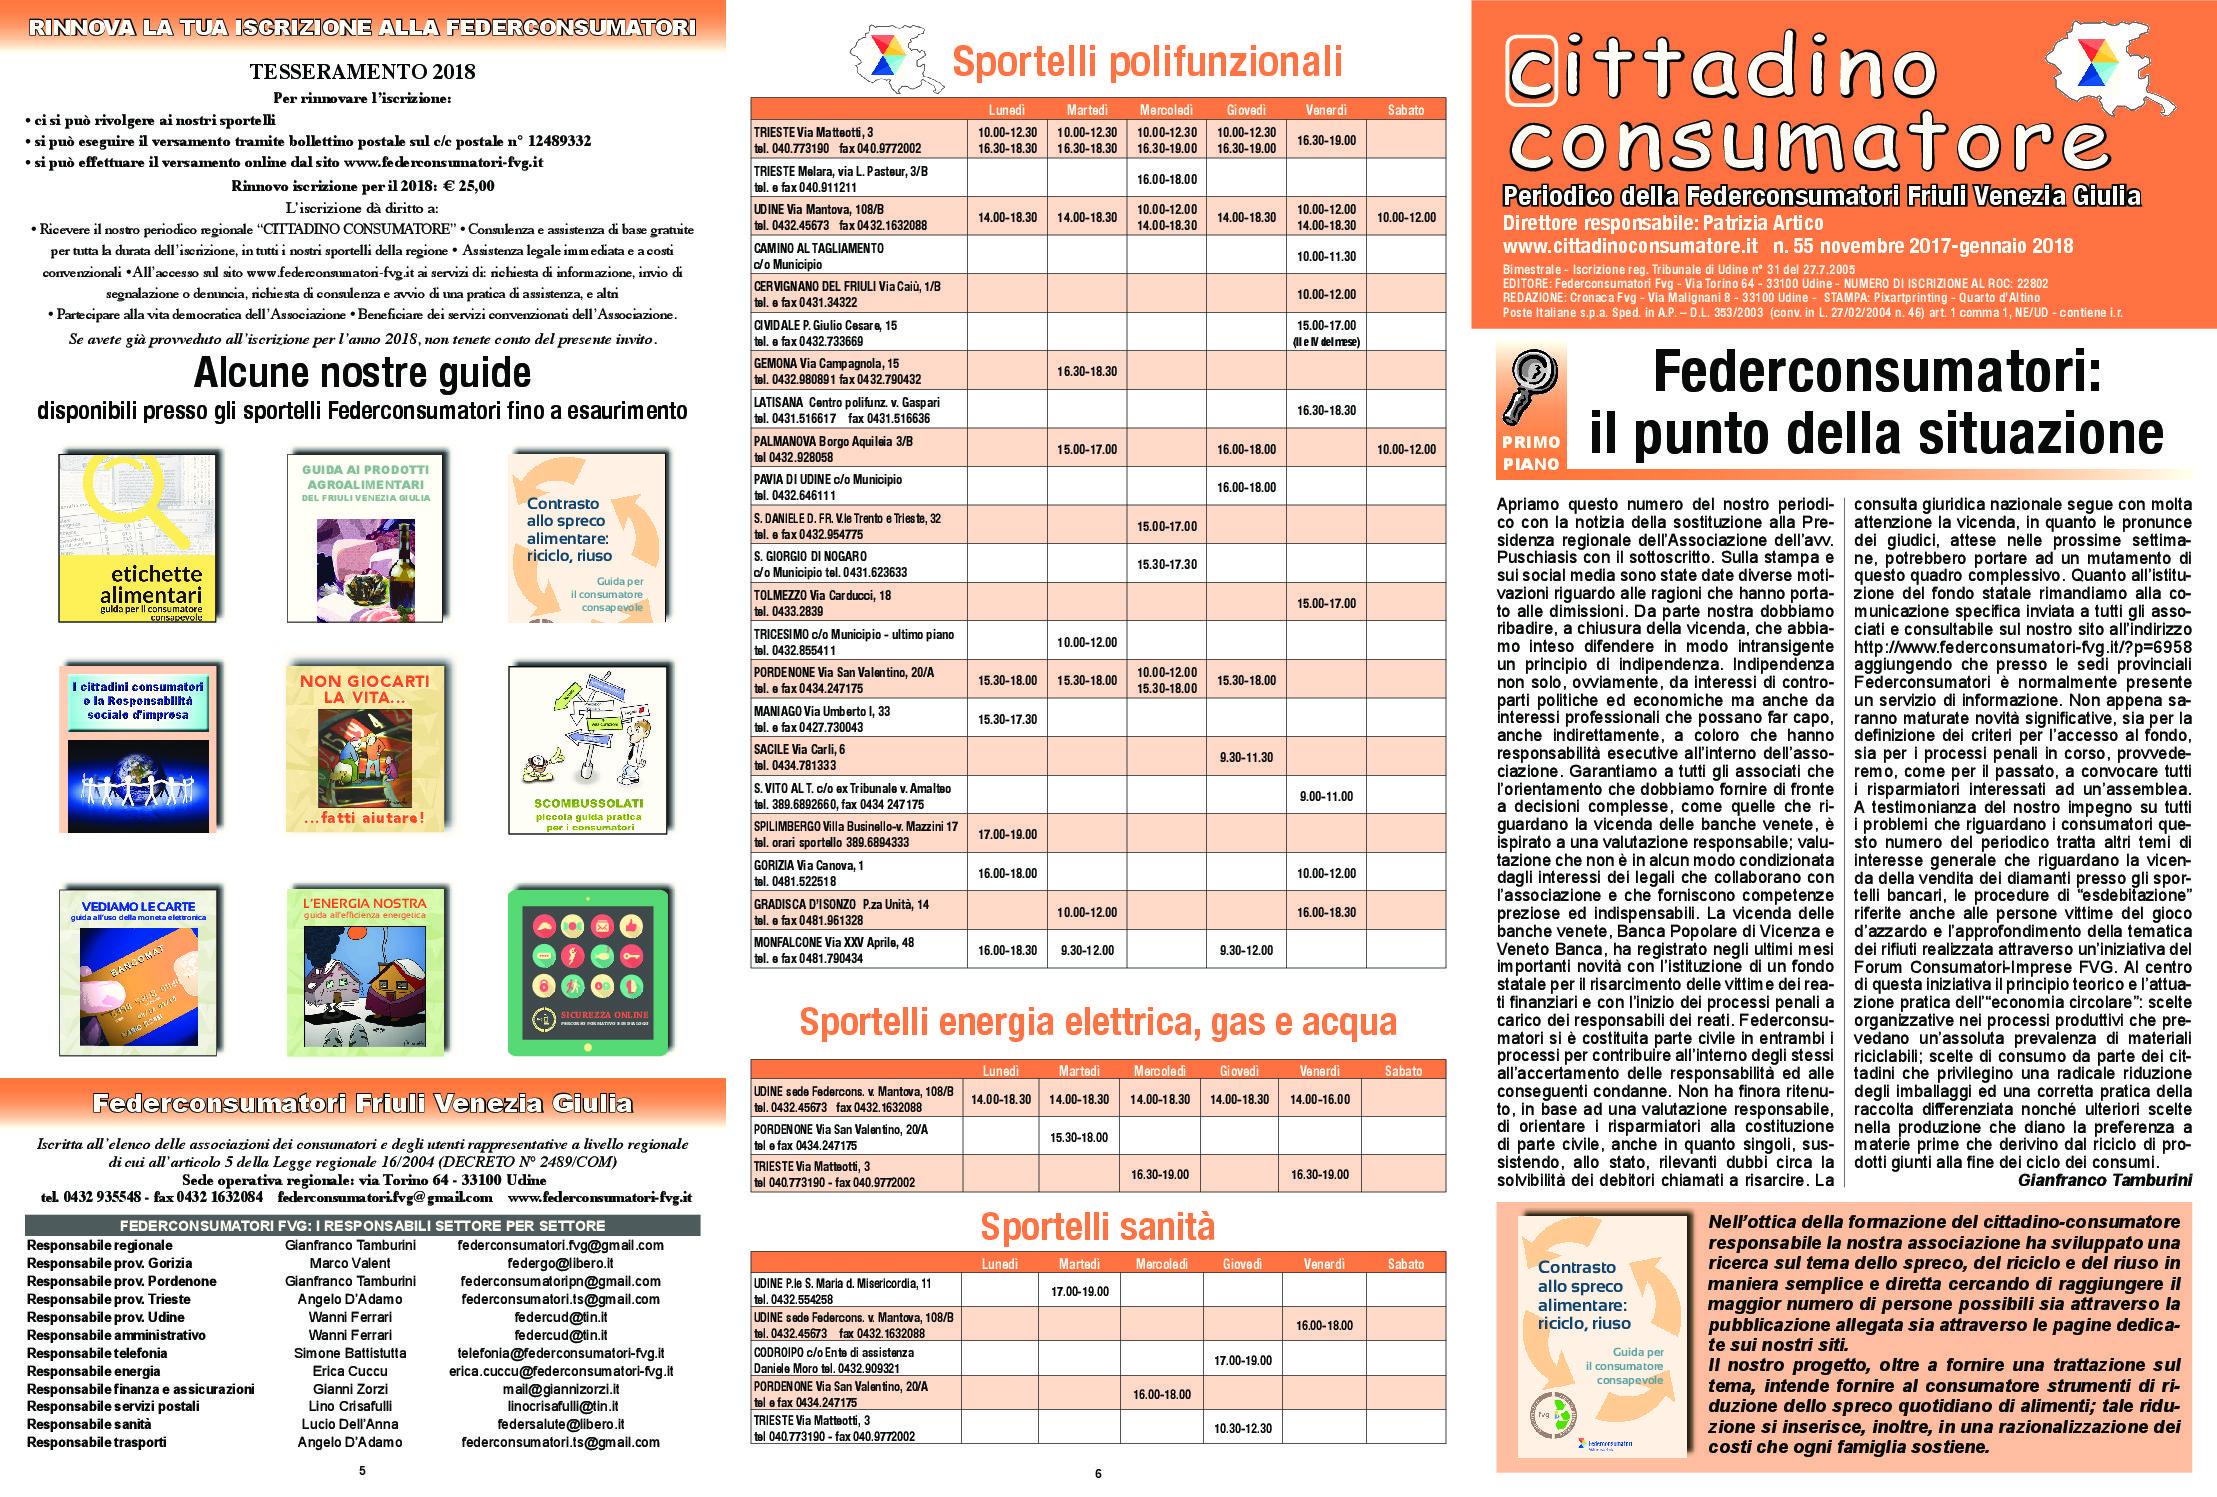 Cittadino Consumatore num. 55 (nov.2017 – gen.2018)